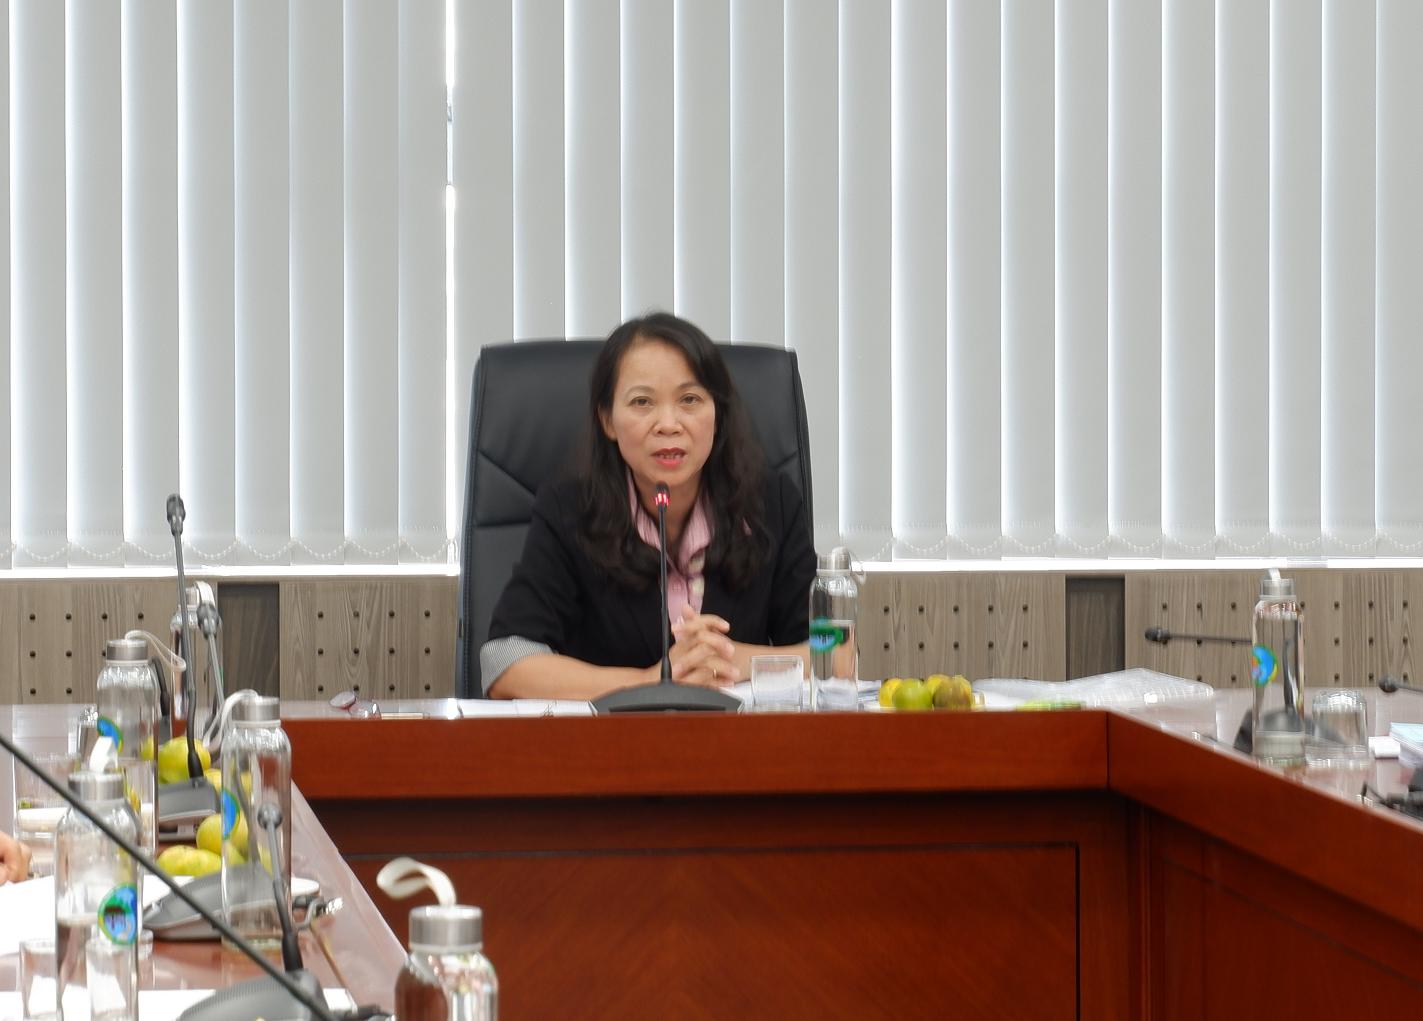 Thứ trưởng, Phó Chủ nhiệm UBDT Hoàng Thị Hạnh, Chủ tịch Hội đồng chủ trì buổi nghiệm thu